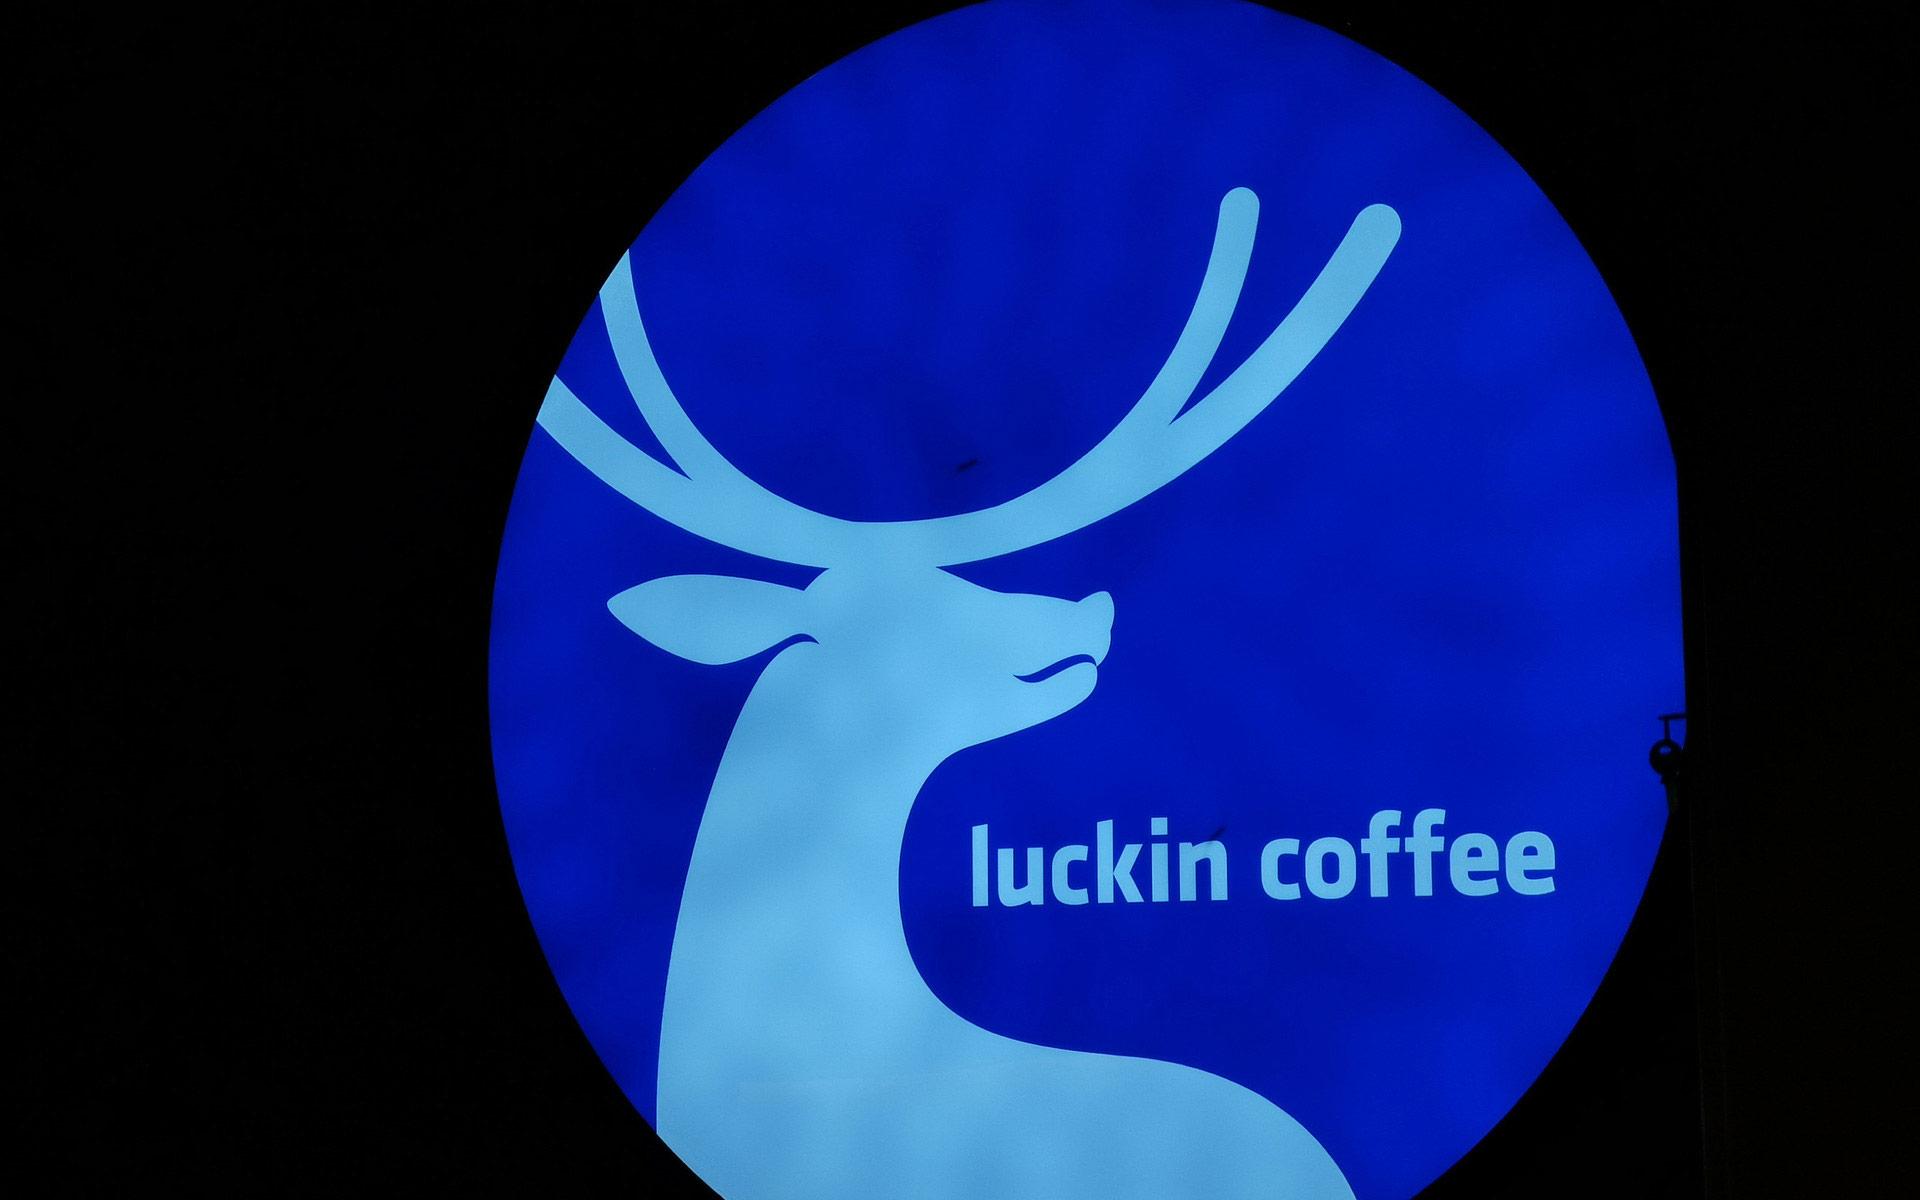 瑞幸咖啡赴美上市,擬最高募資1億美元